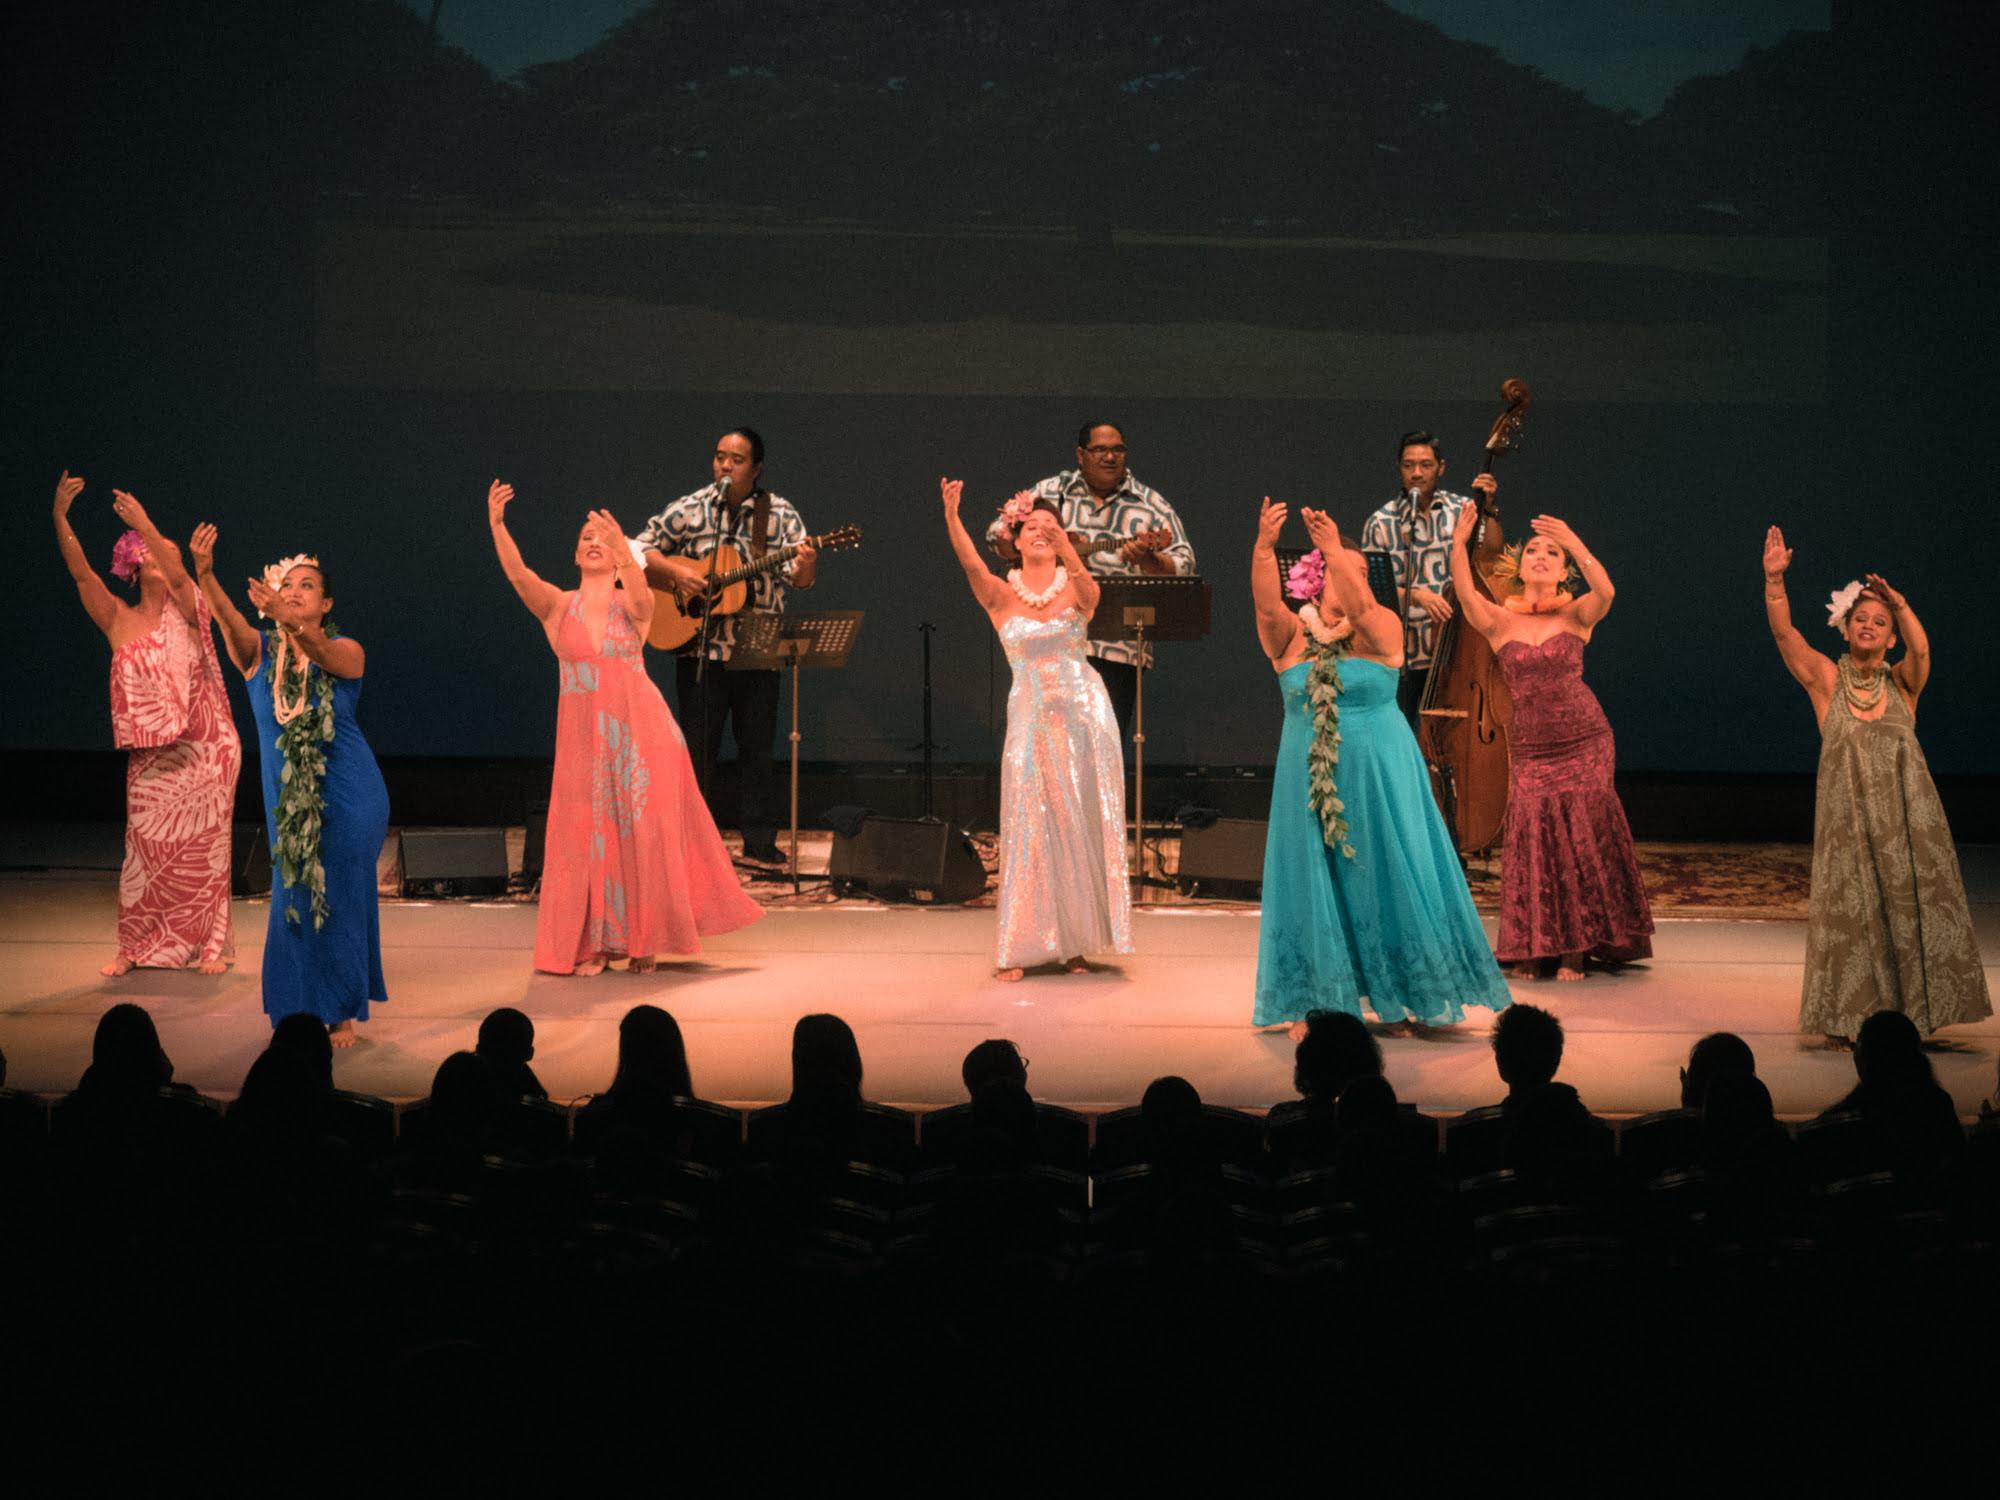 ナ・ヒヴァヒヴァ・ハワイ 2017『前夜祭』は8人のミス・アロハフラ競演!